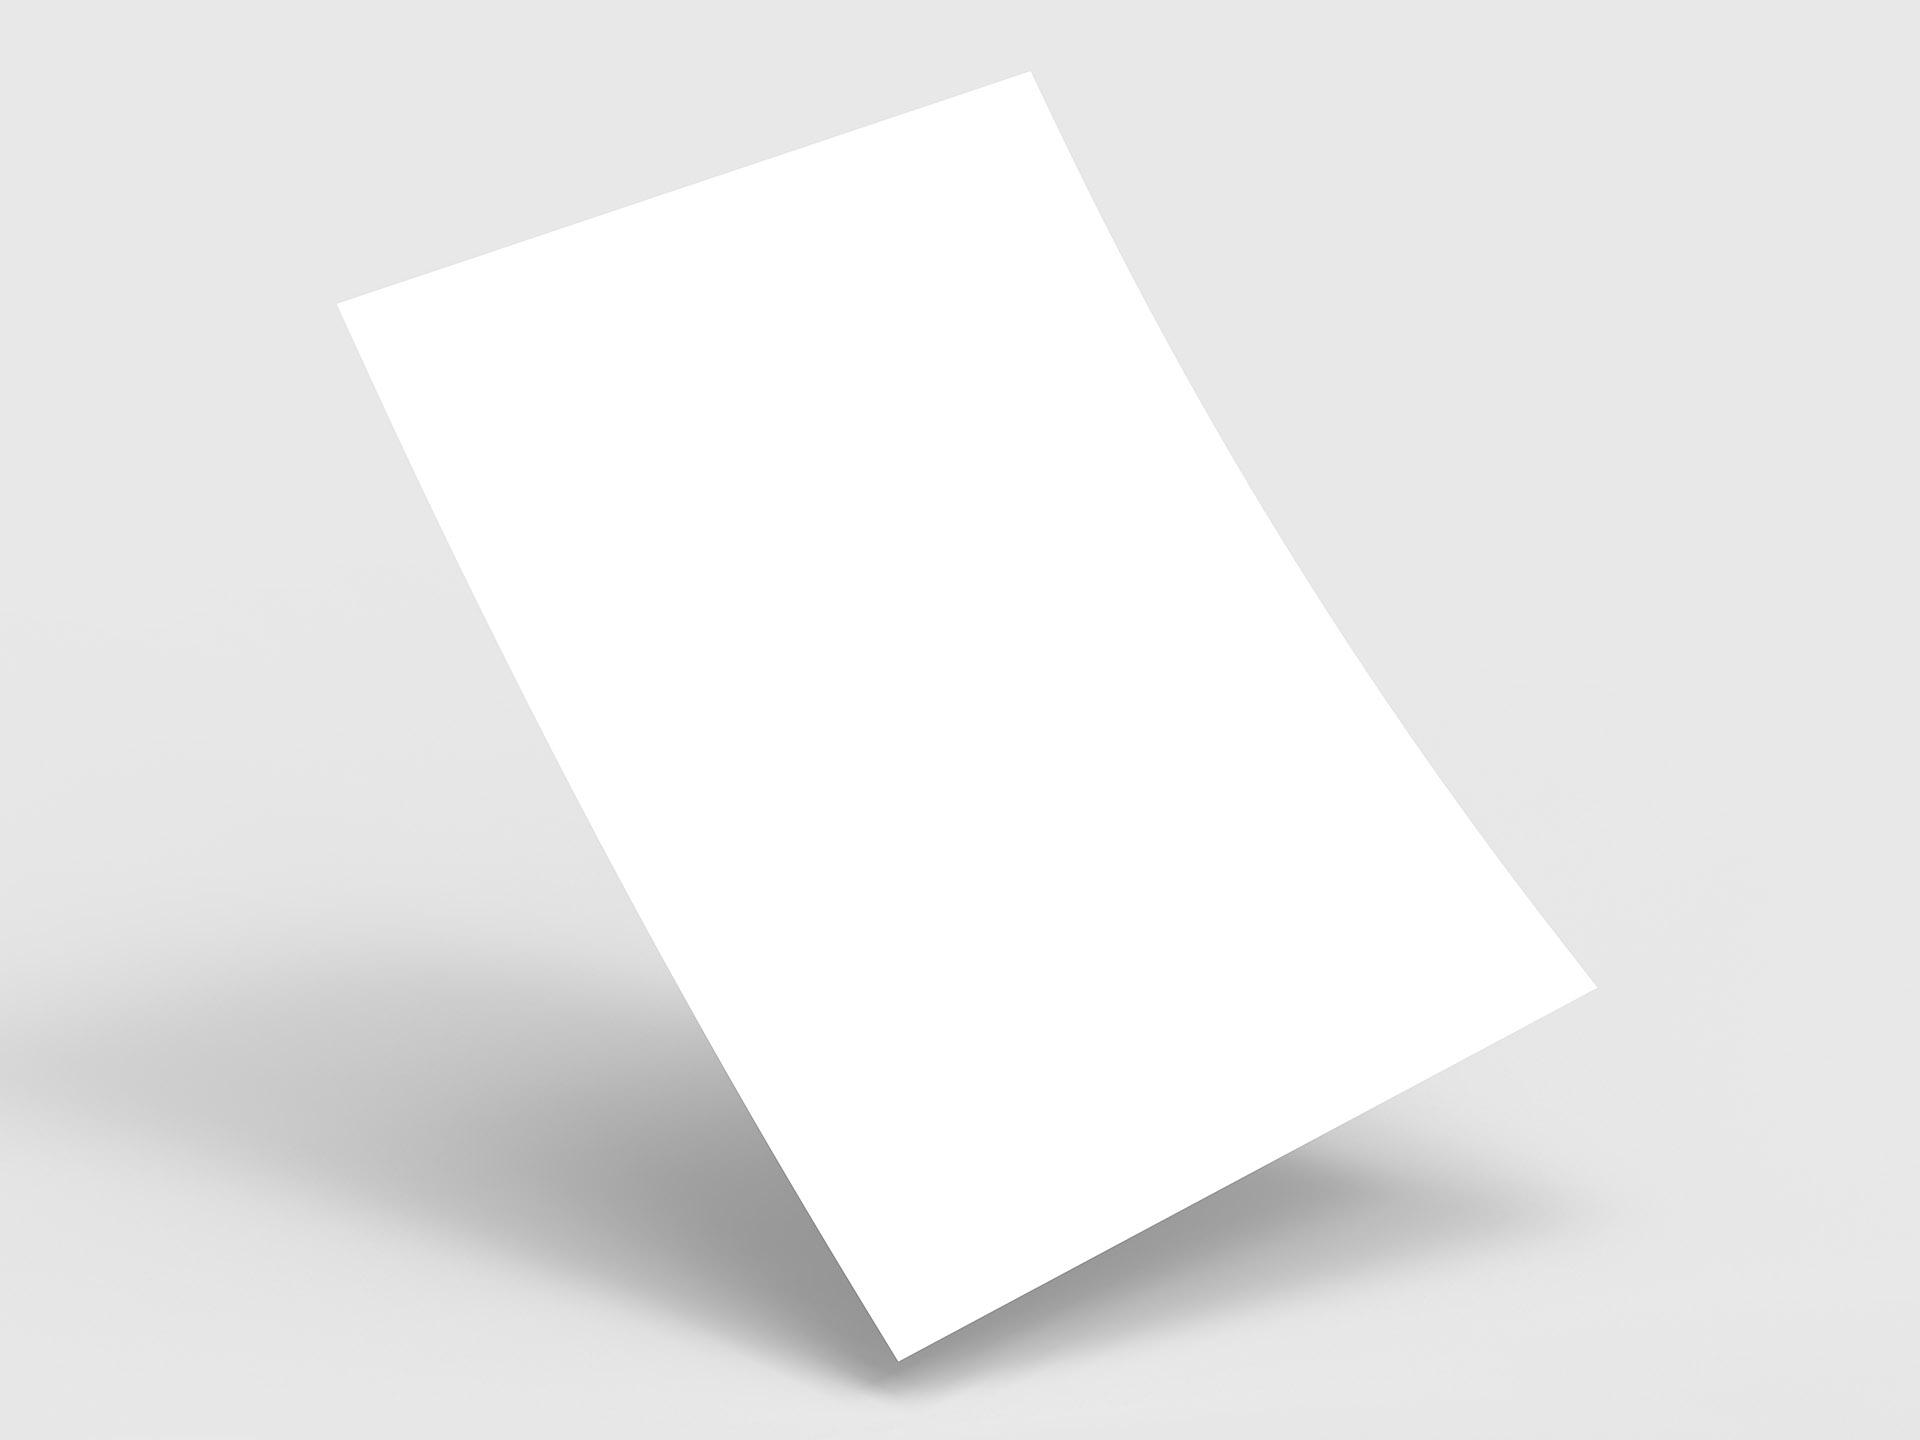 Få et tilbud på papir